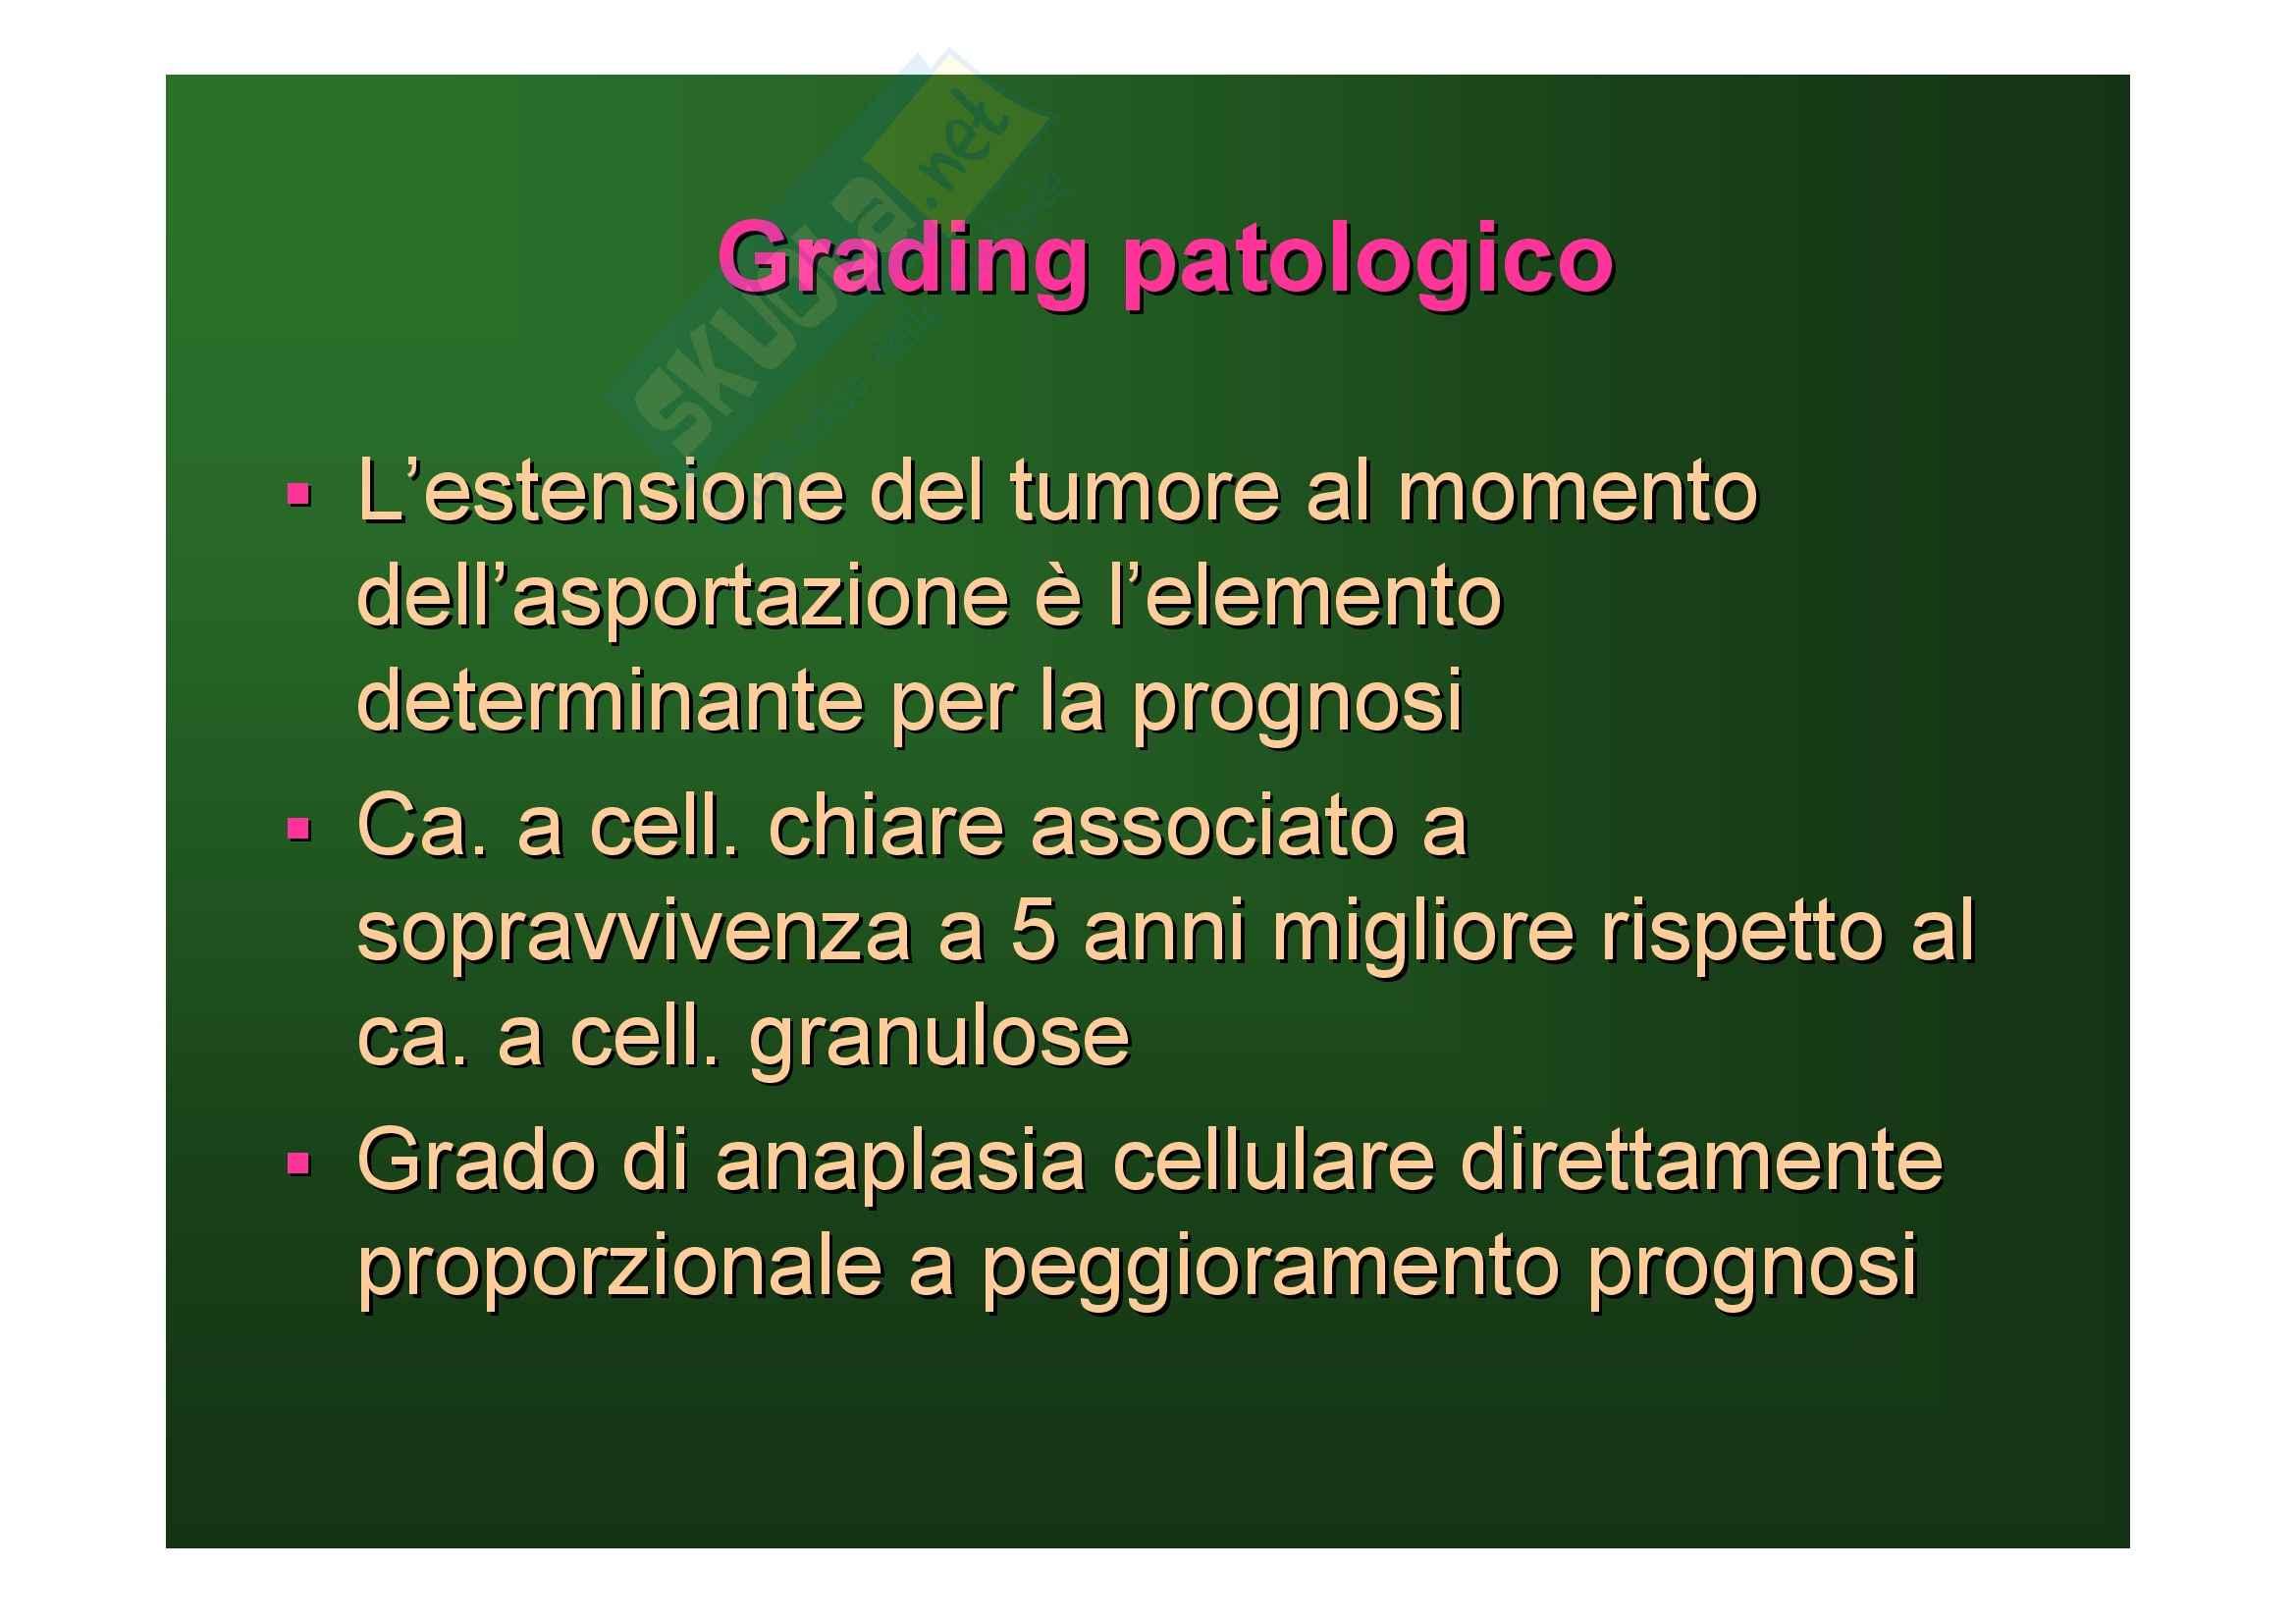 Malattie del rene e delle vie urinarie - tumori del rene Pag. 26